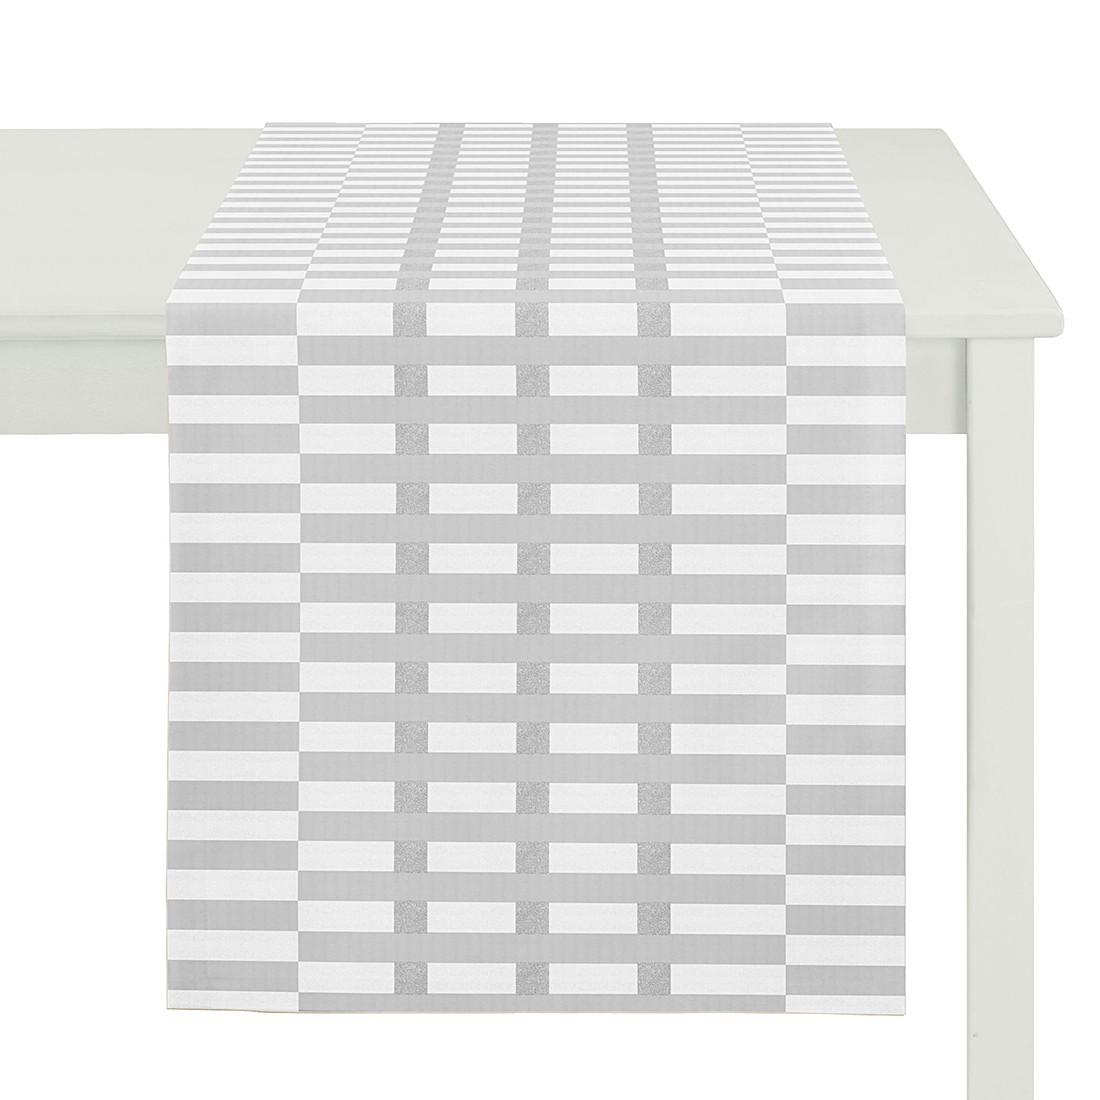 Tischläufer Calvin – Weiß, Apelt online kaufen